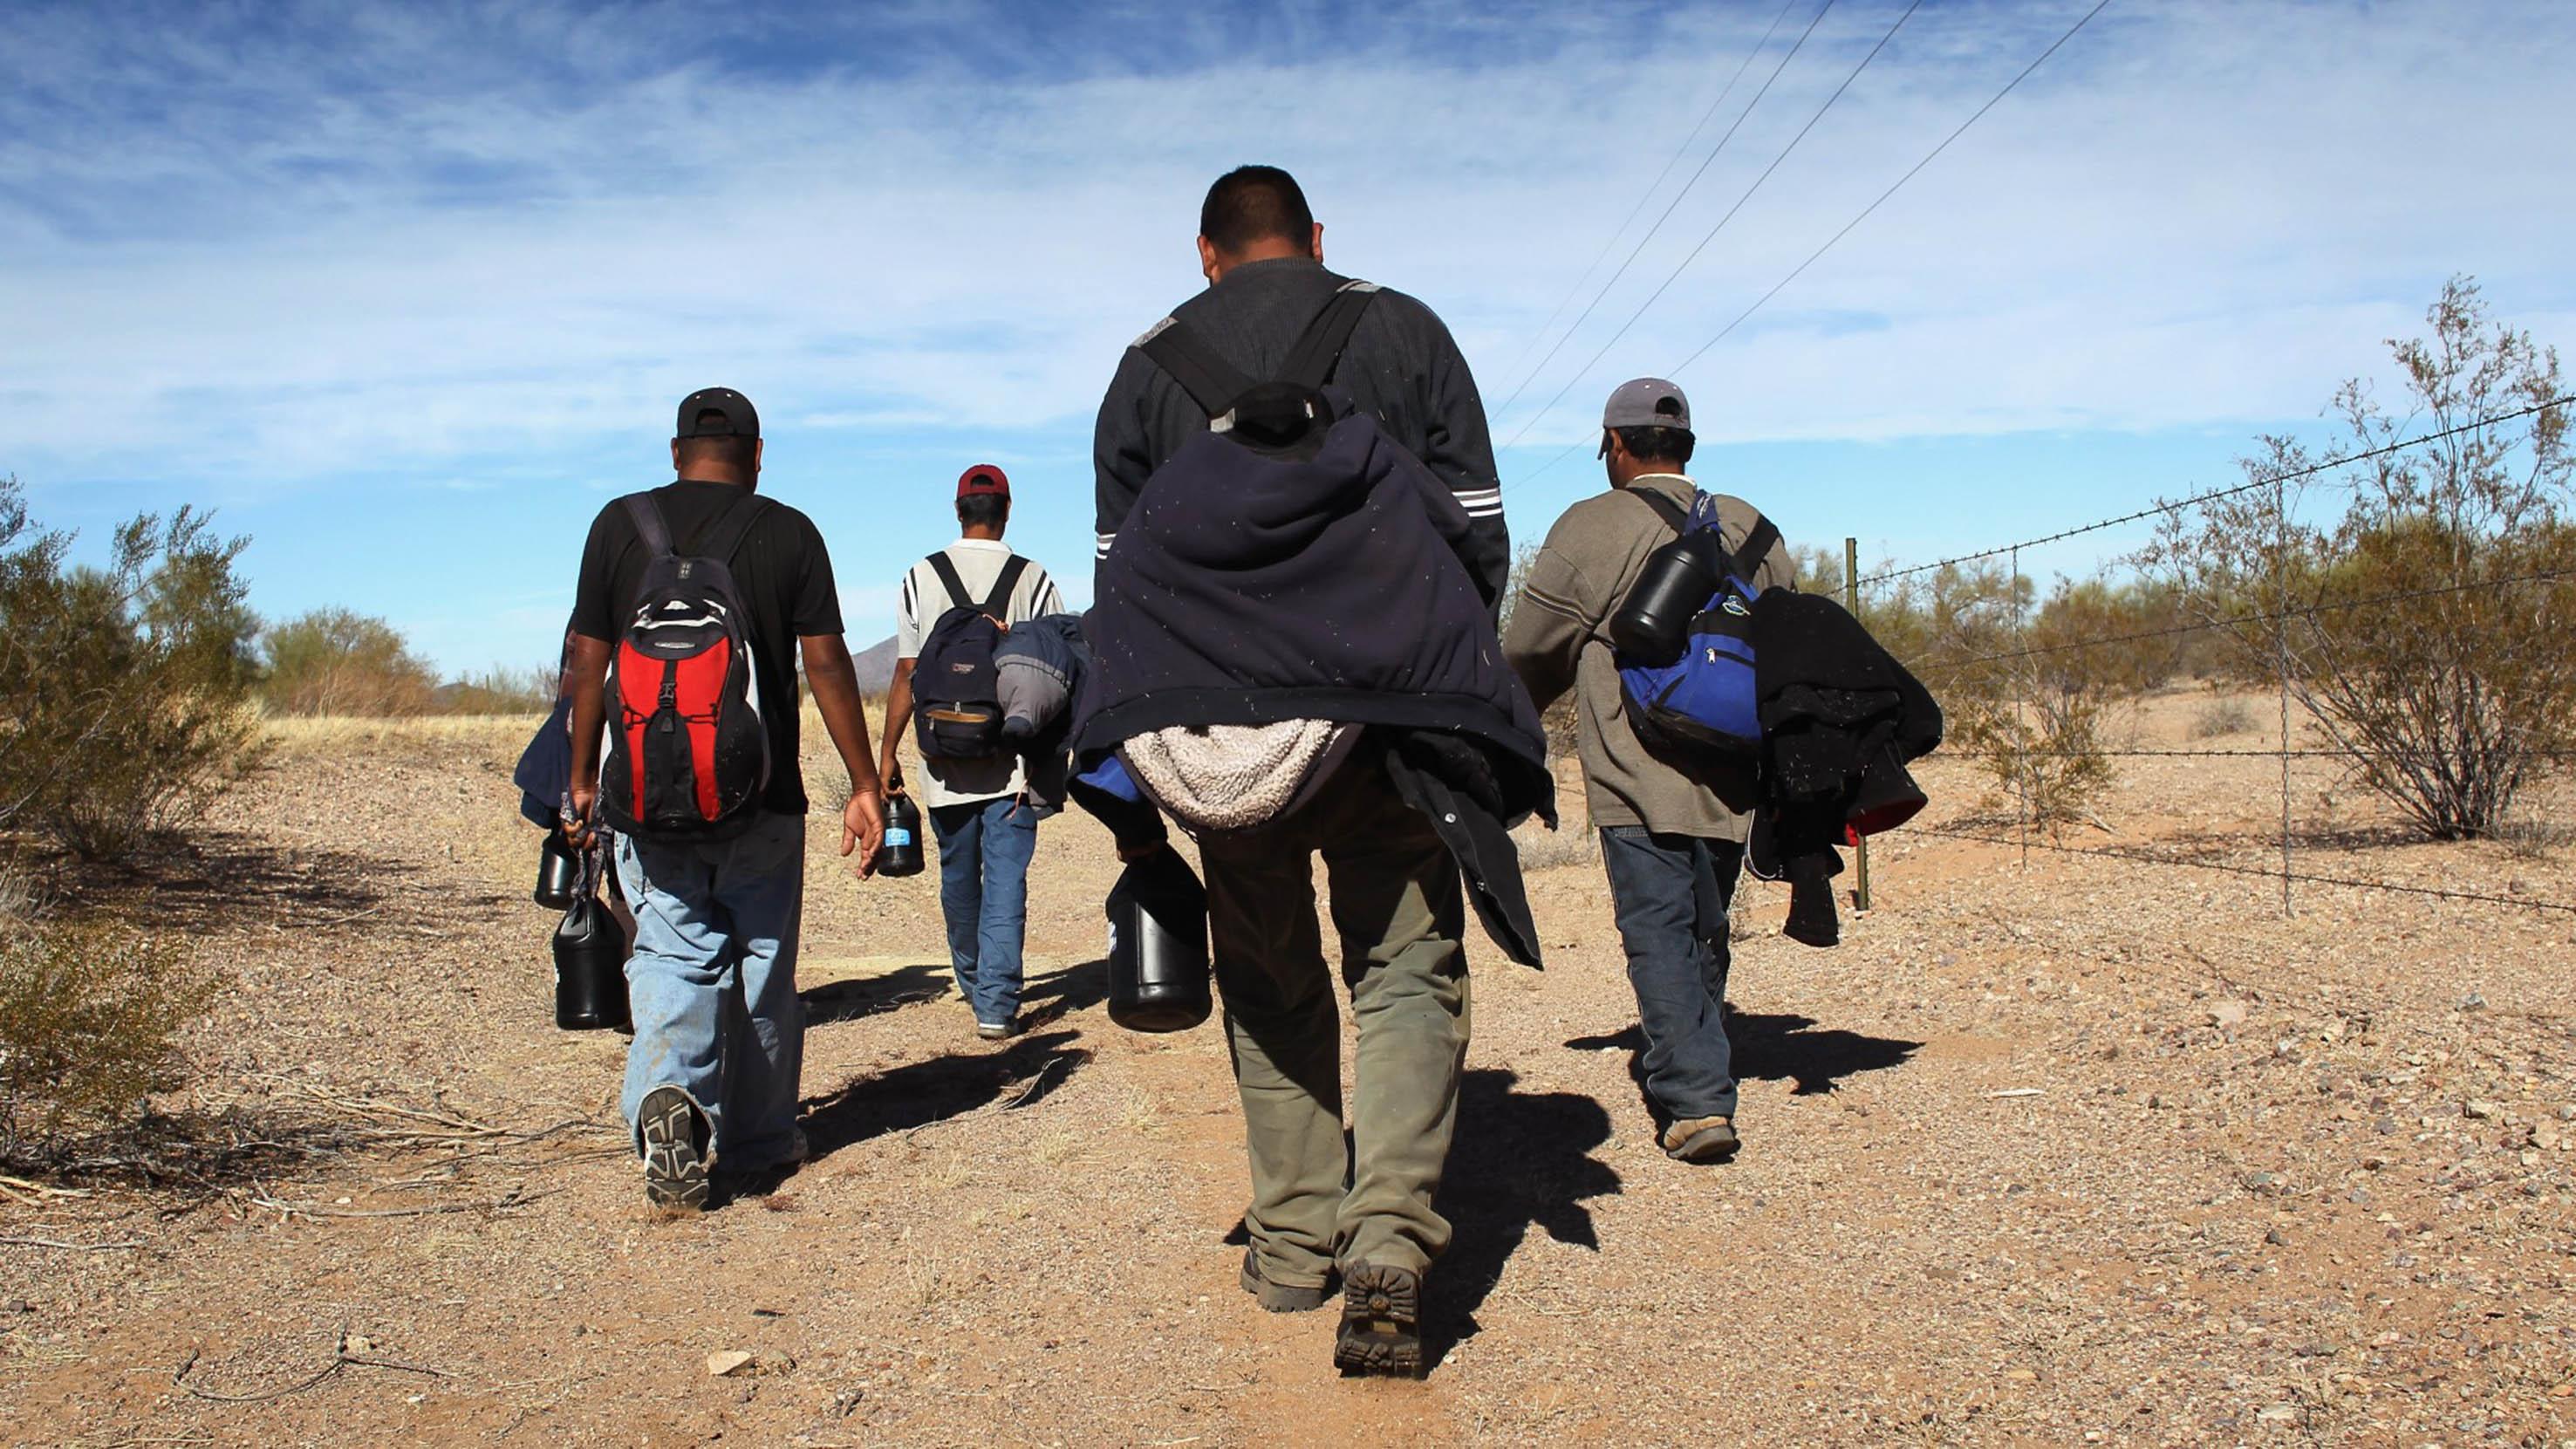 México no puede recibir a deportados extranjeros-UNAM